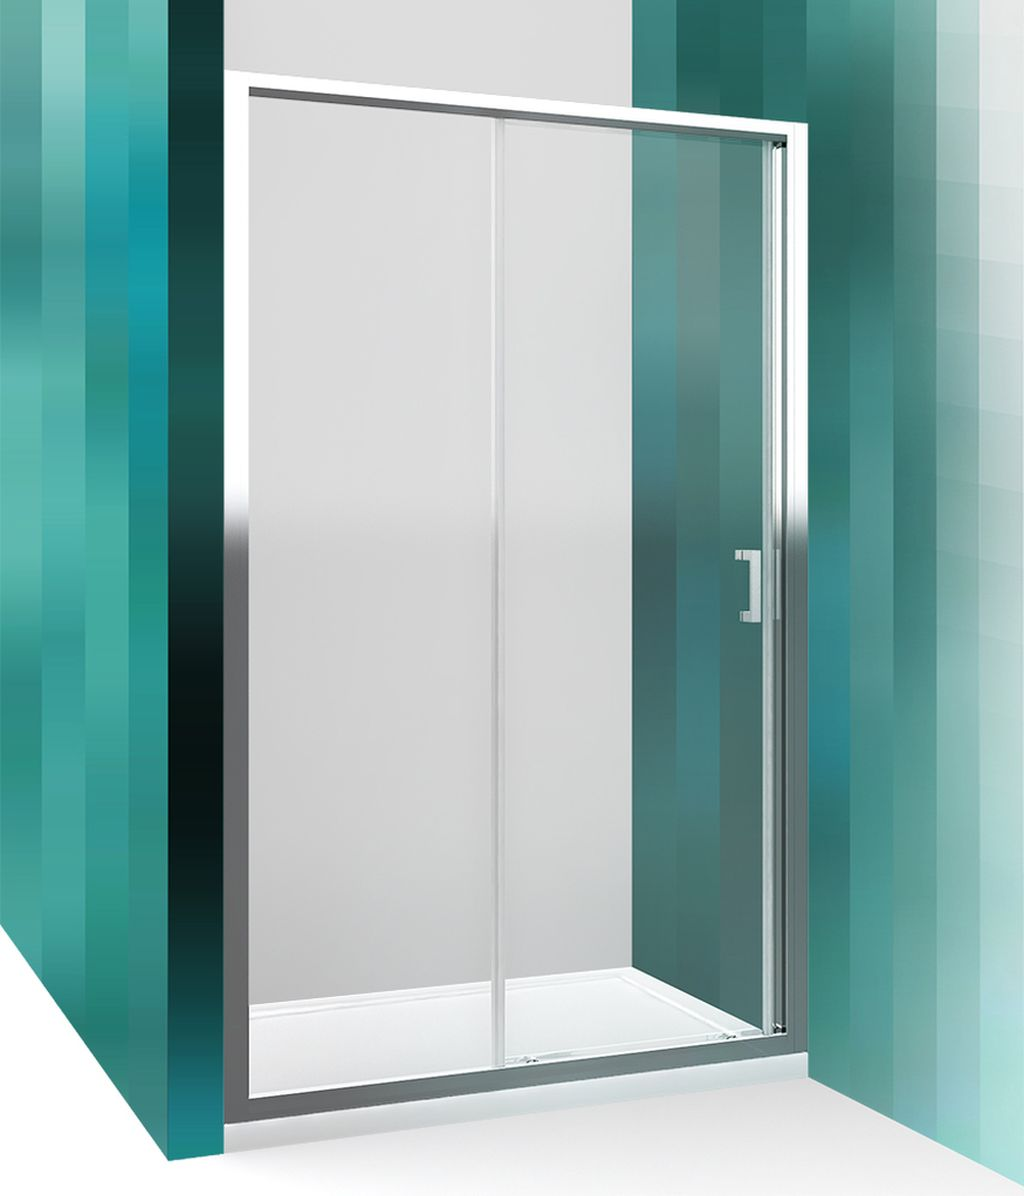 ROLTECHNIK Sprchové dveře posuvné pro instalaci do niky LLD2/1200 brillant/transparent 556-1200000-00-02